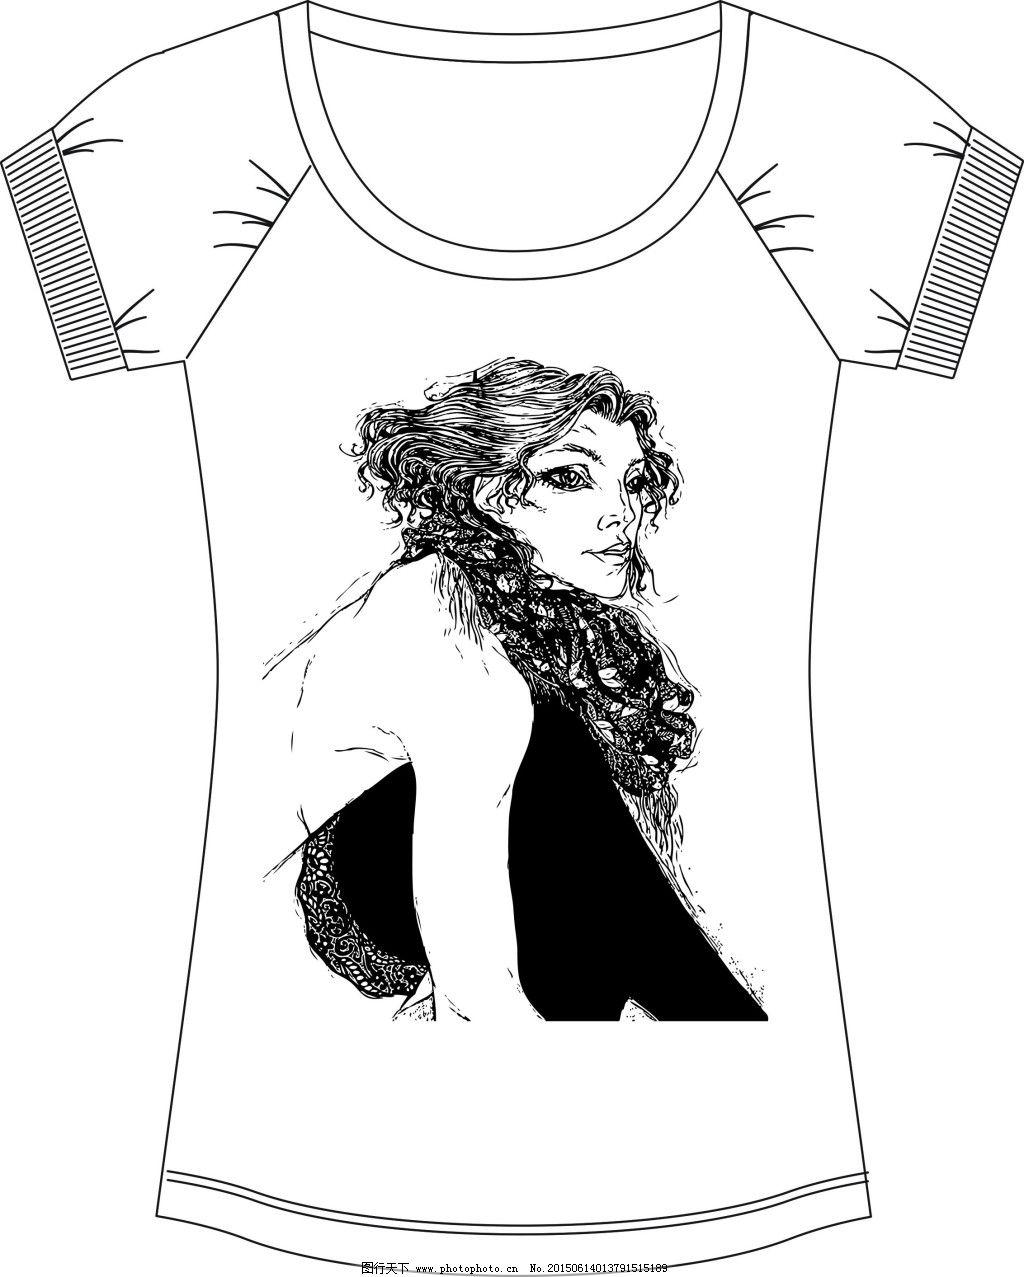 黑白卷发女郎t恤印花,性感 图案花型-图行天下图库